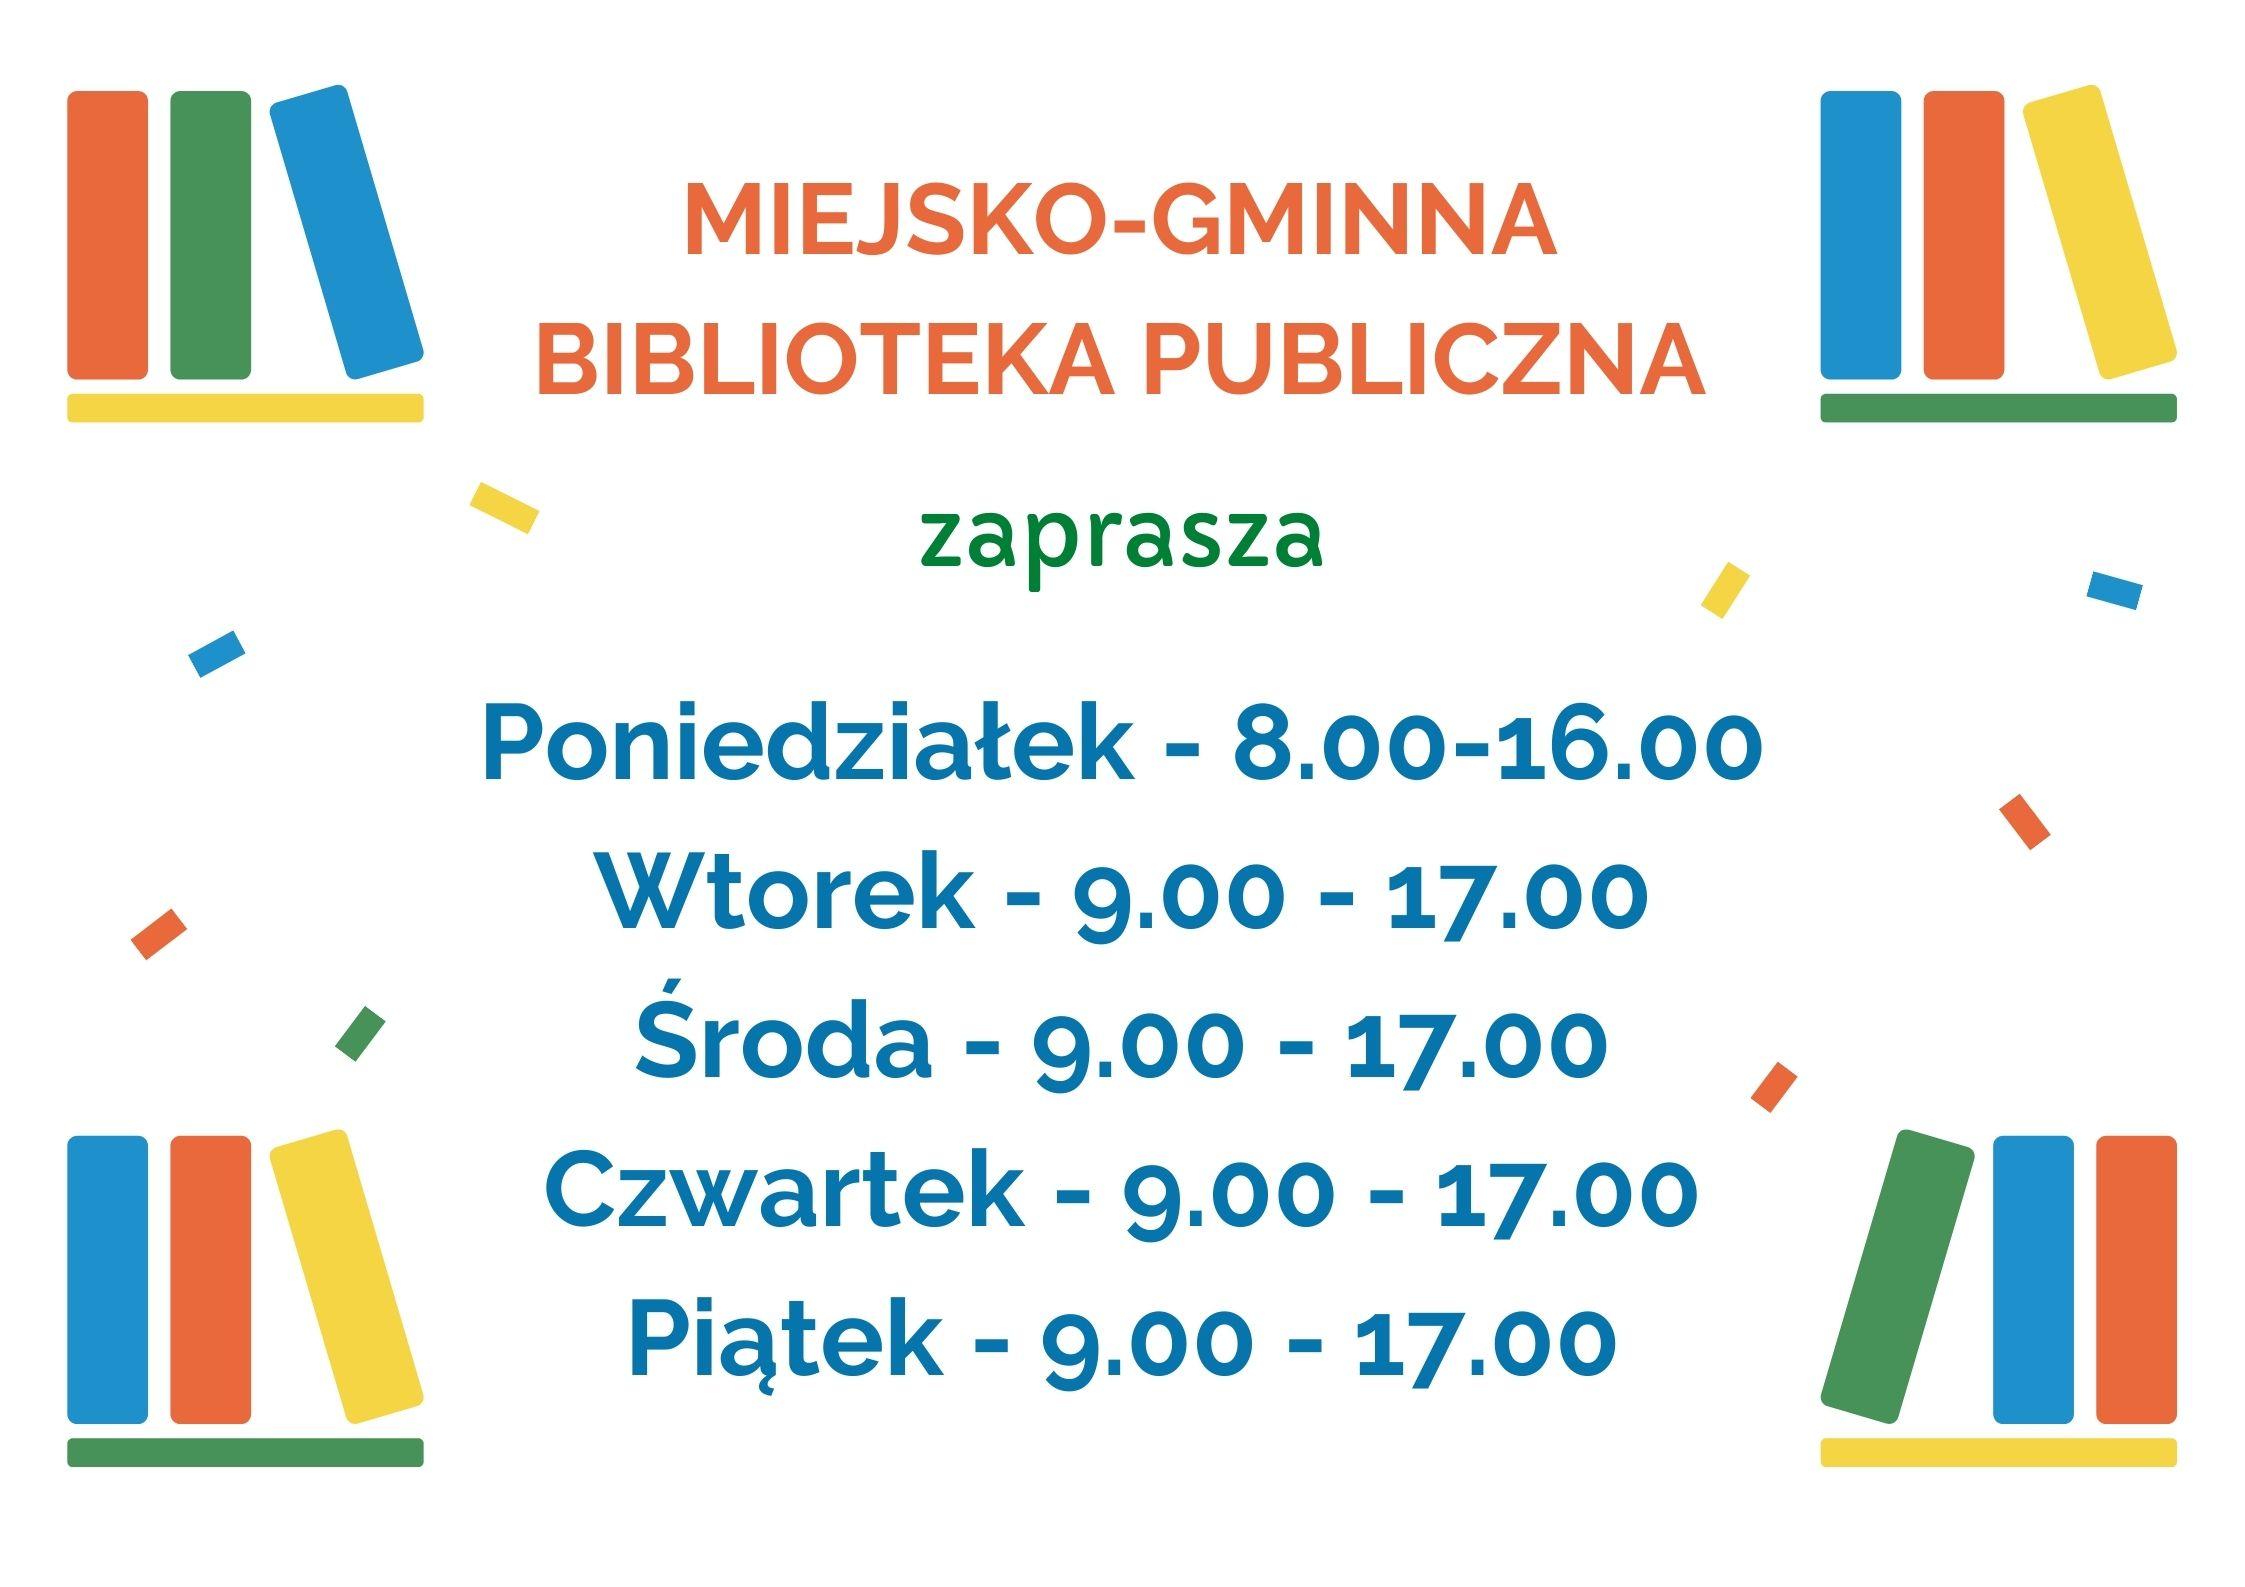 Plakat informujący ozmianach godzin pracy Biblioteki wPołańcu